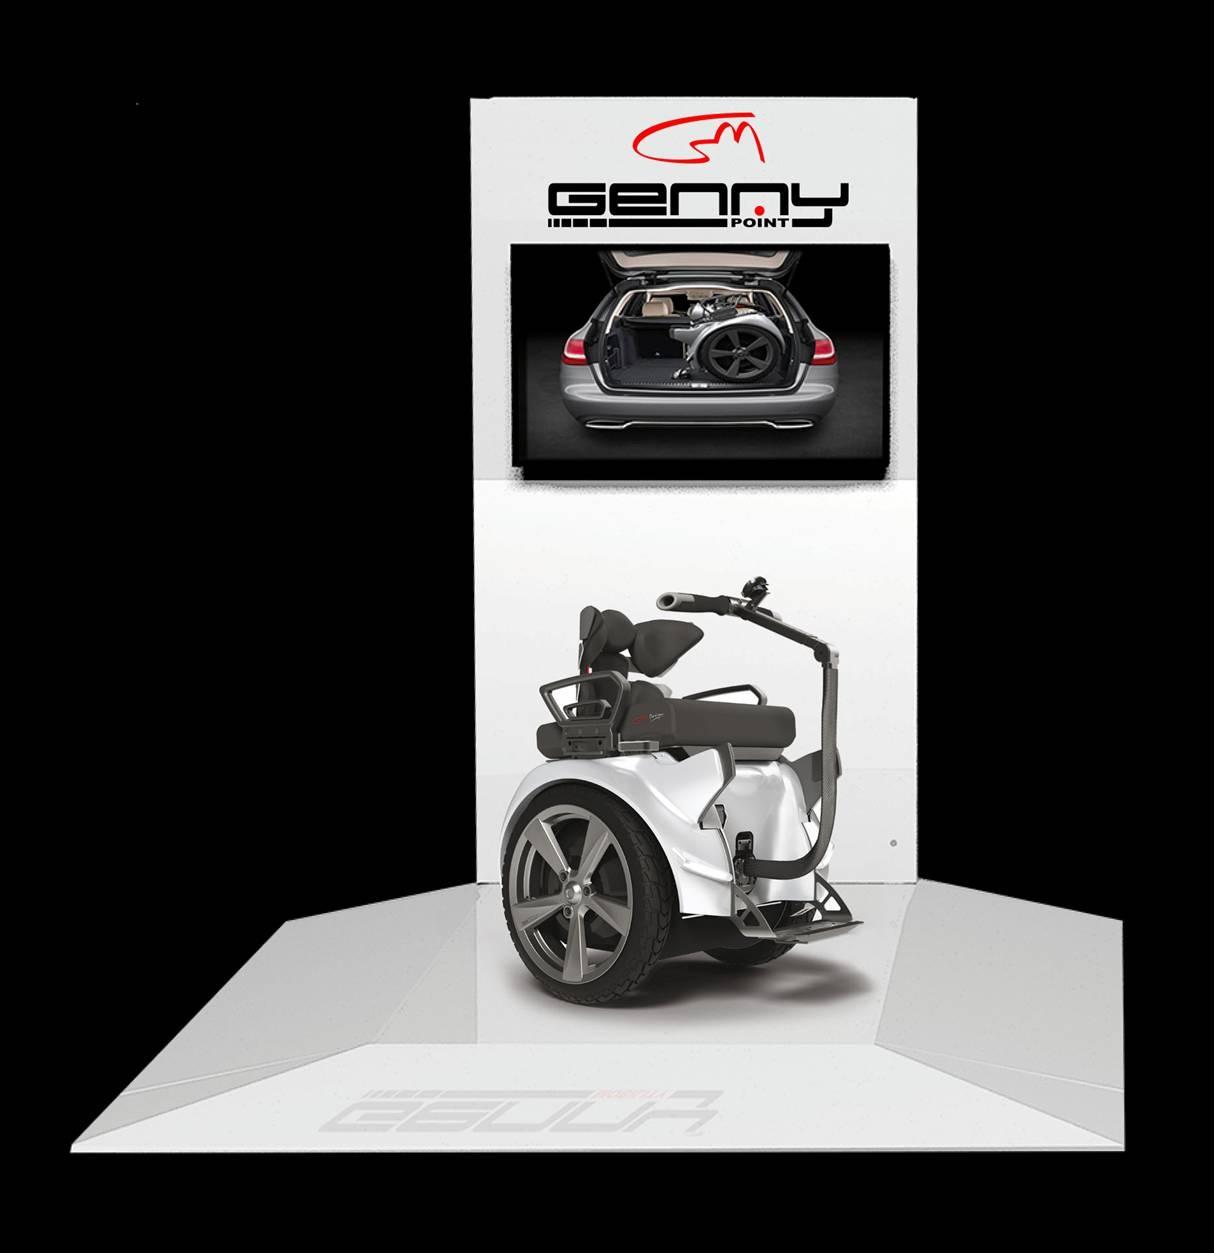 Genny Mobility inaugura en Madrid su primer espacio de referencia en España